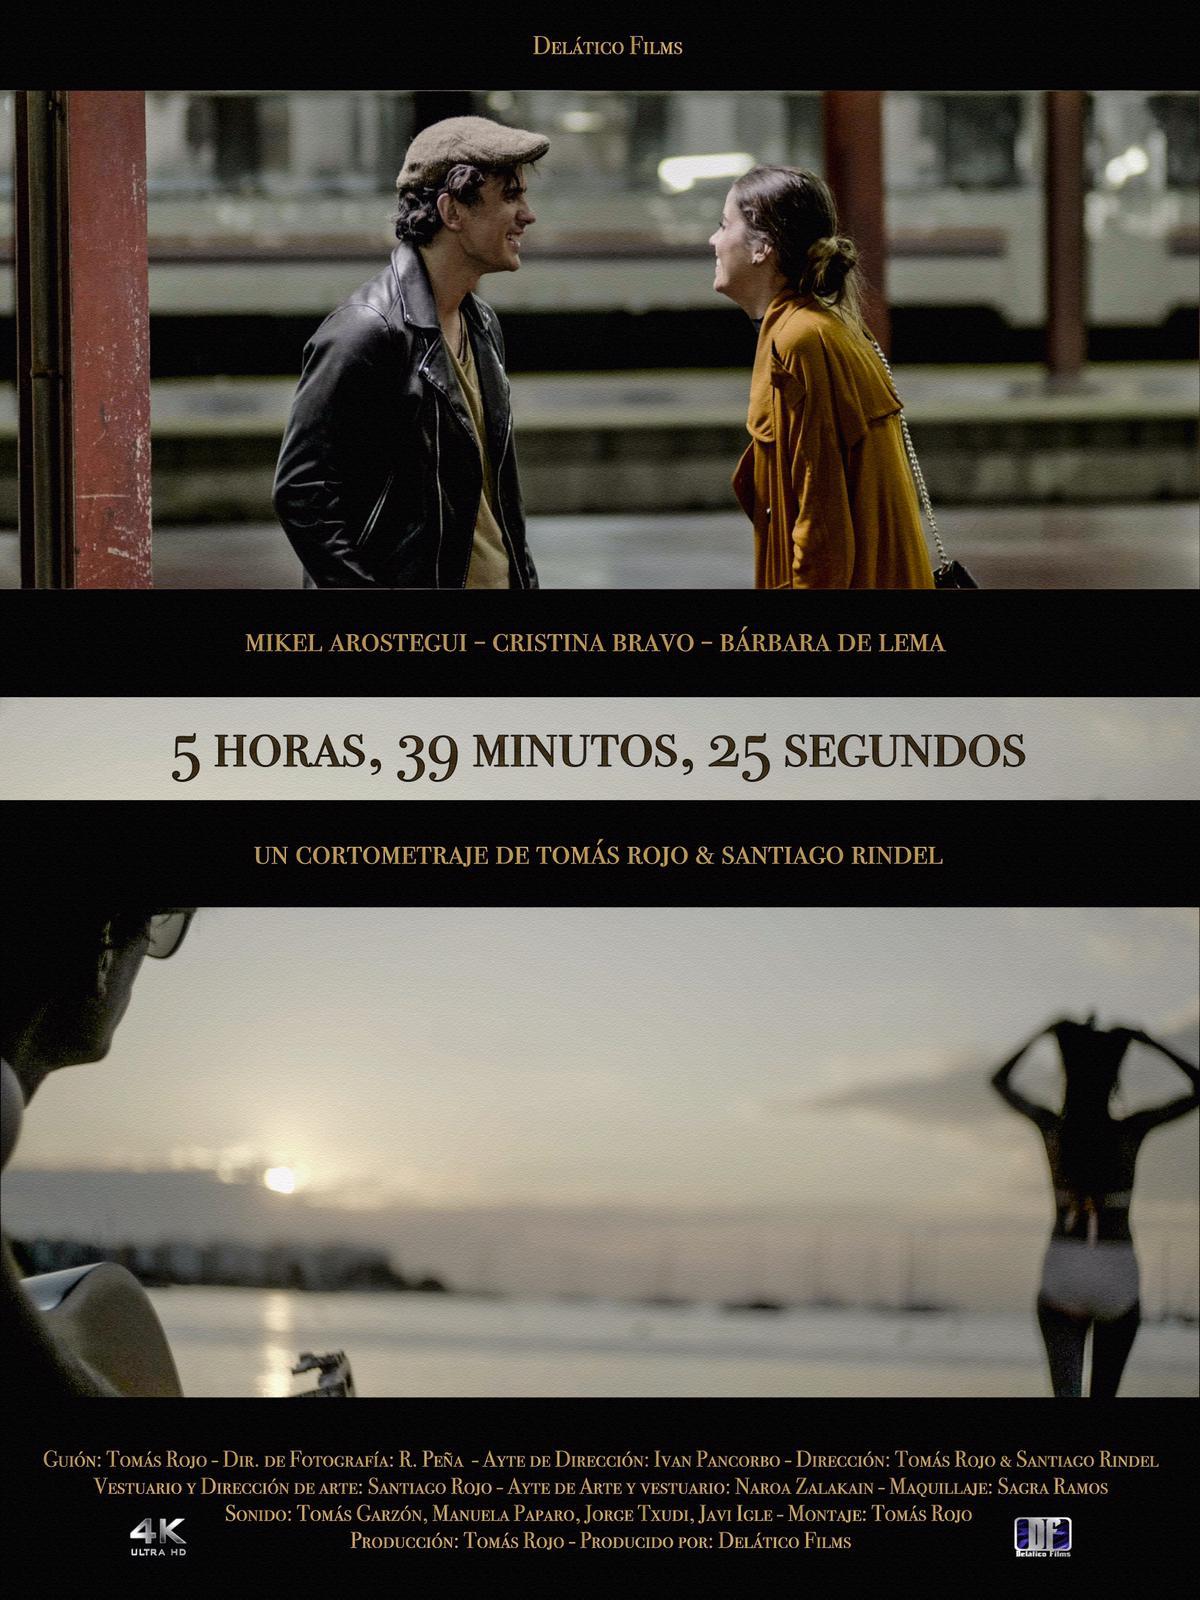 Bárbara de Lema, Tomás Rojo, Mikel Arostegui Tolivar, and Cristina Bravo in 5 horas 39 minutos 25 segundos (2019)